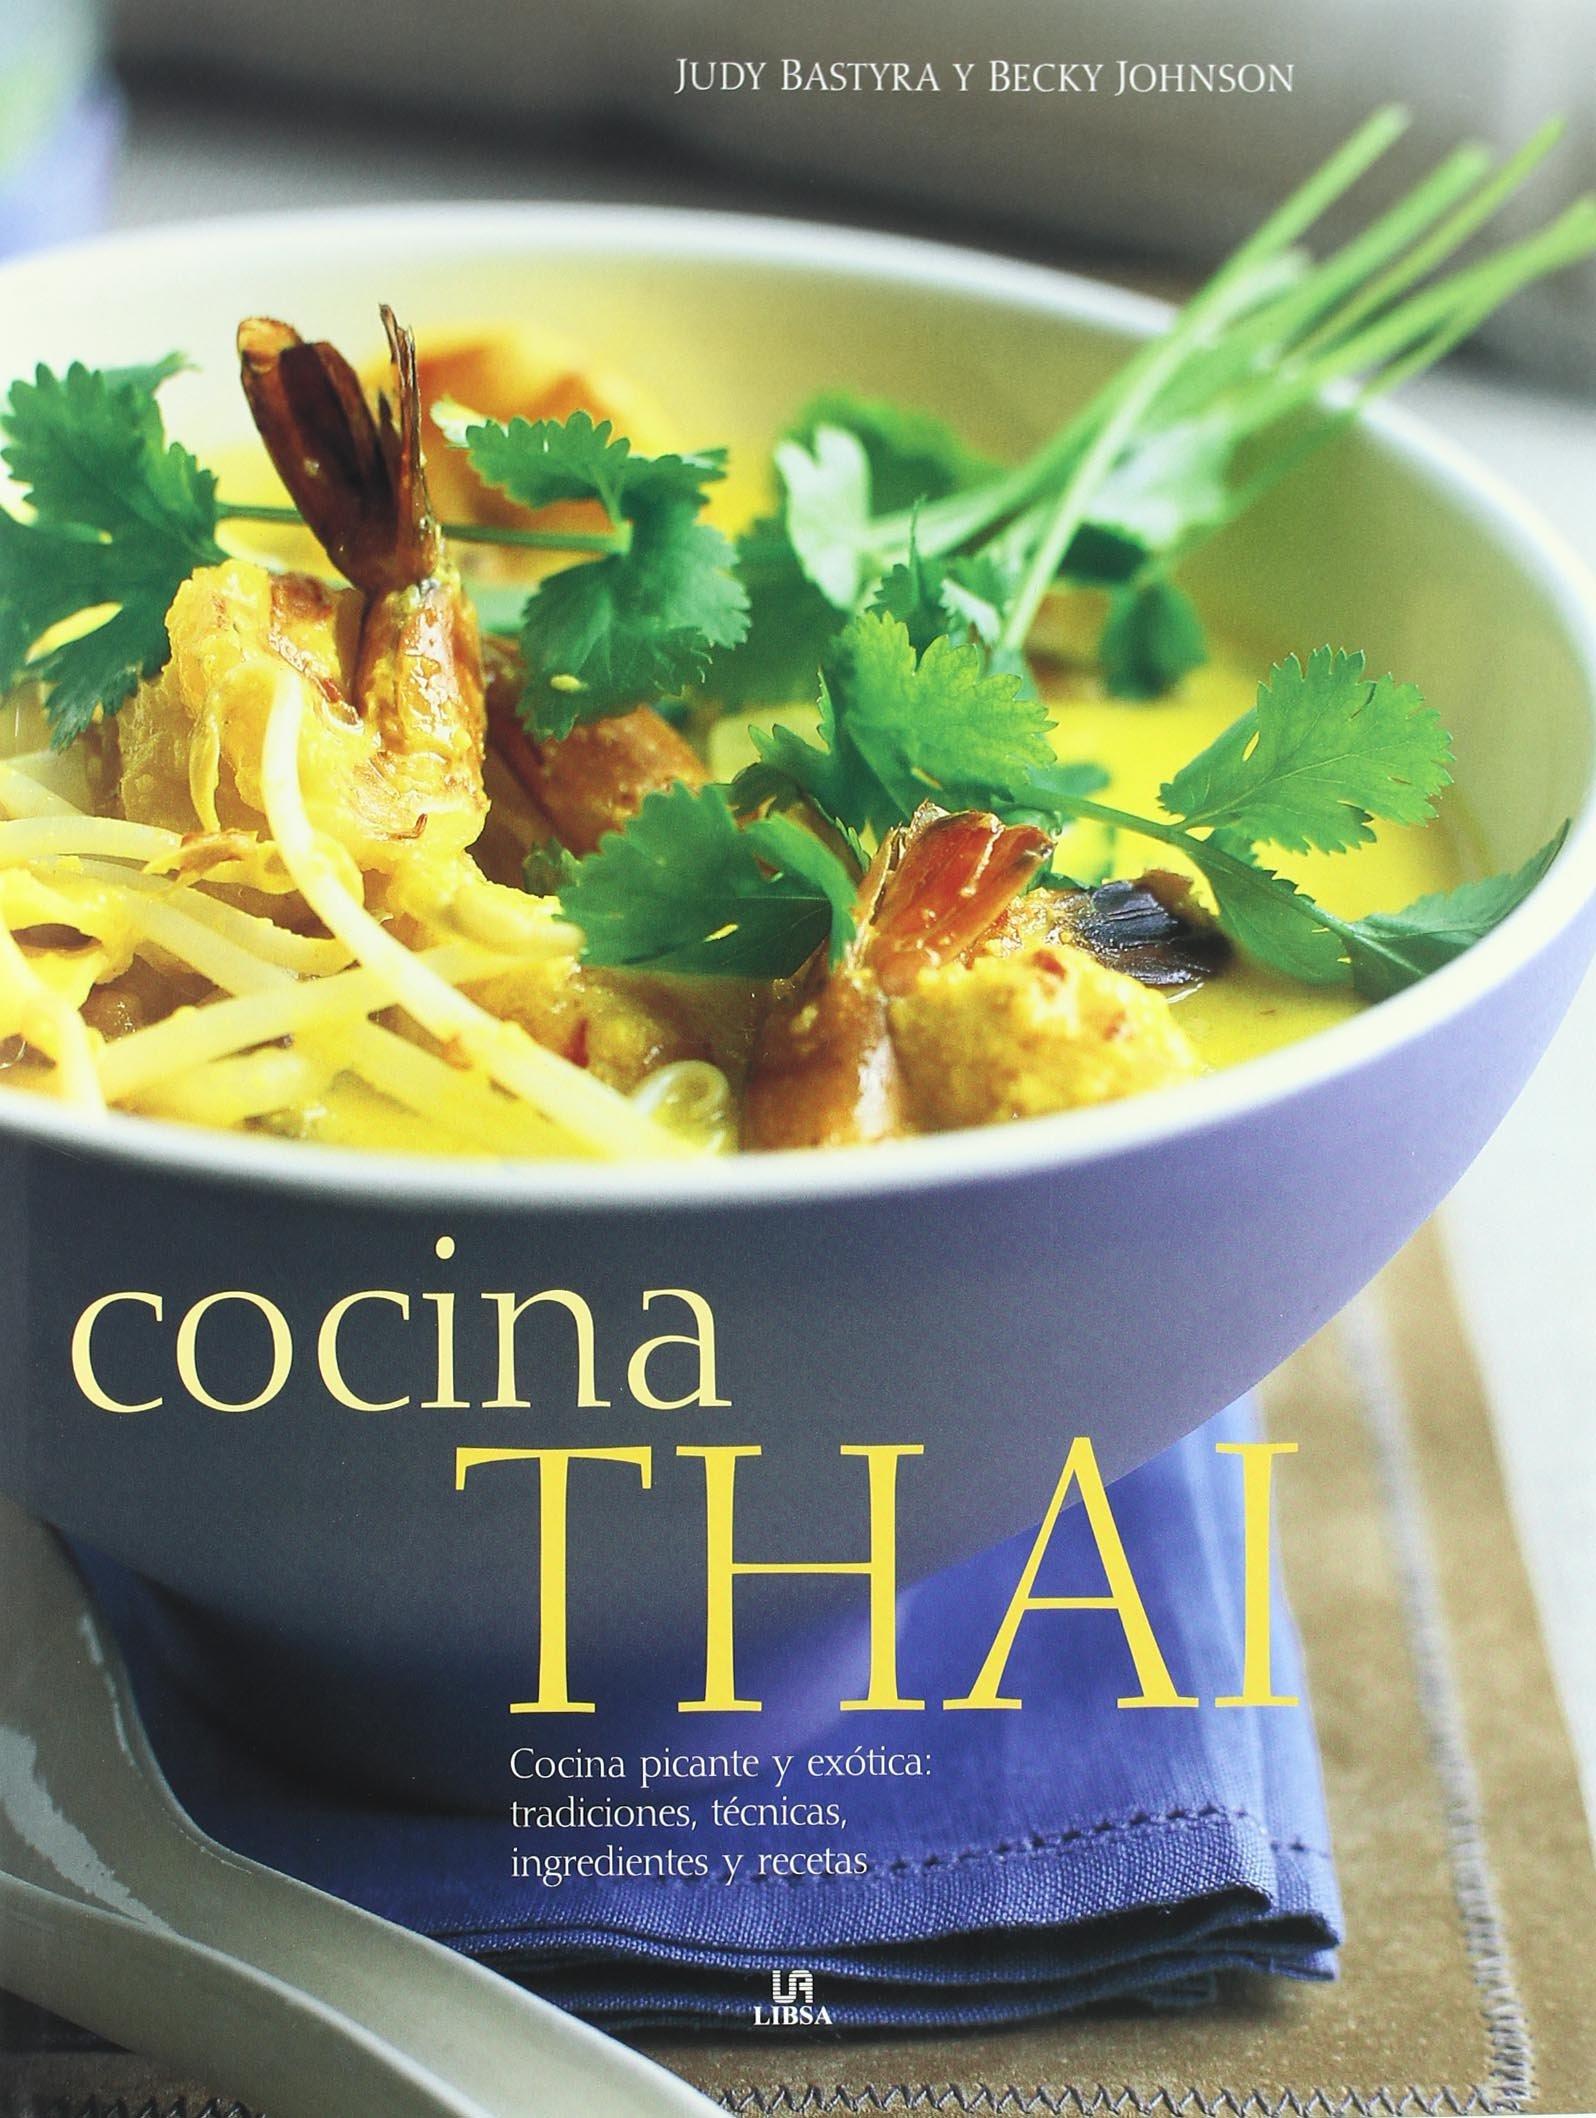 Cocina Thai/Thai Food and Cooking: Cocina picante y exotica: tradiciones, tecnicas, ingredientes y recetas/Exotic and Spicy Food: Traditions, Techniques, ...